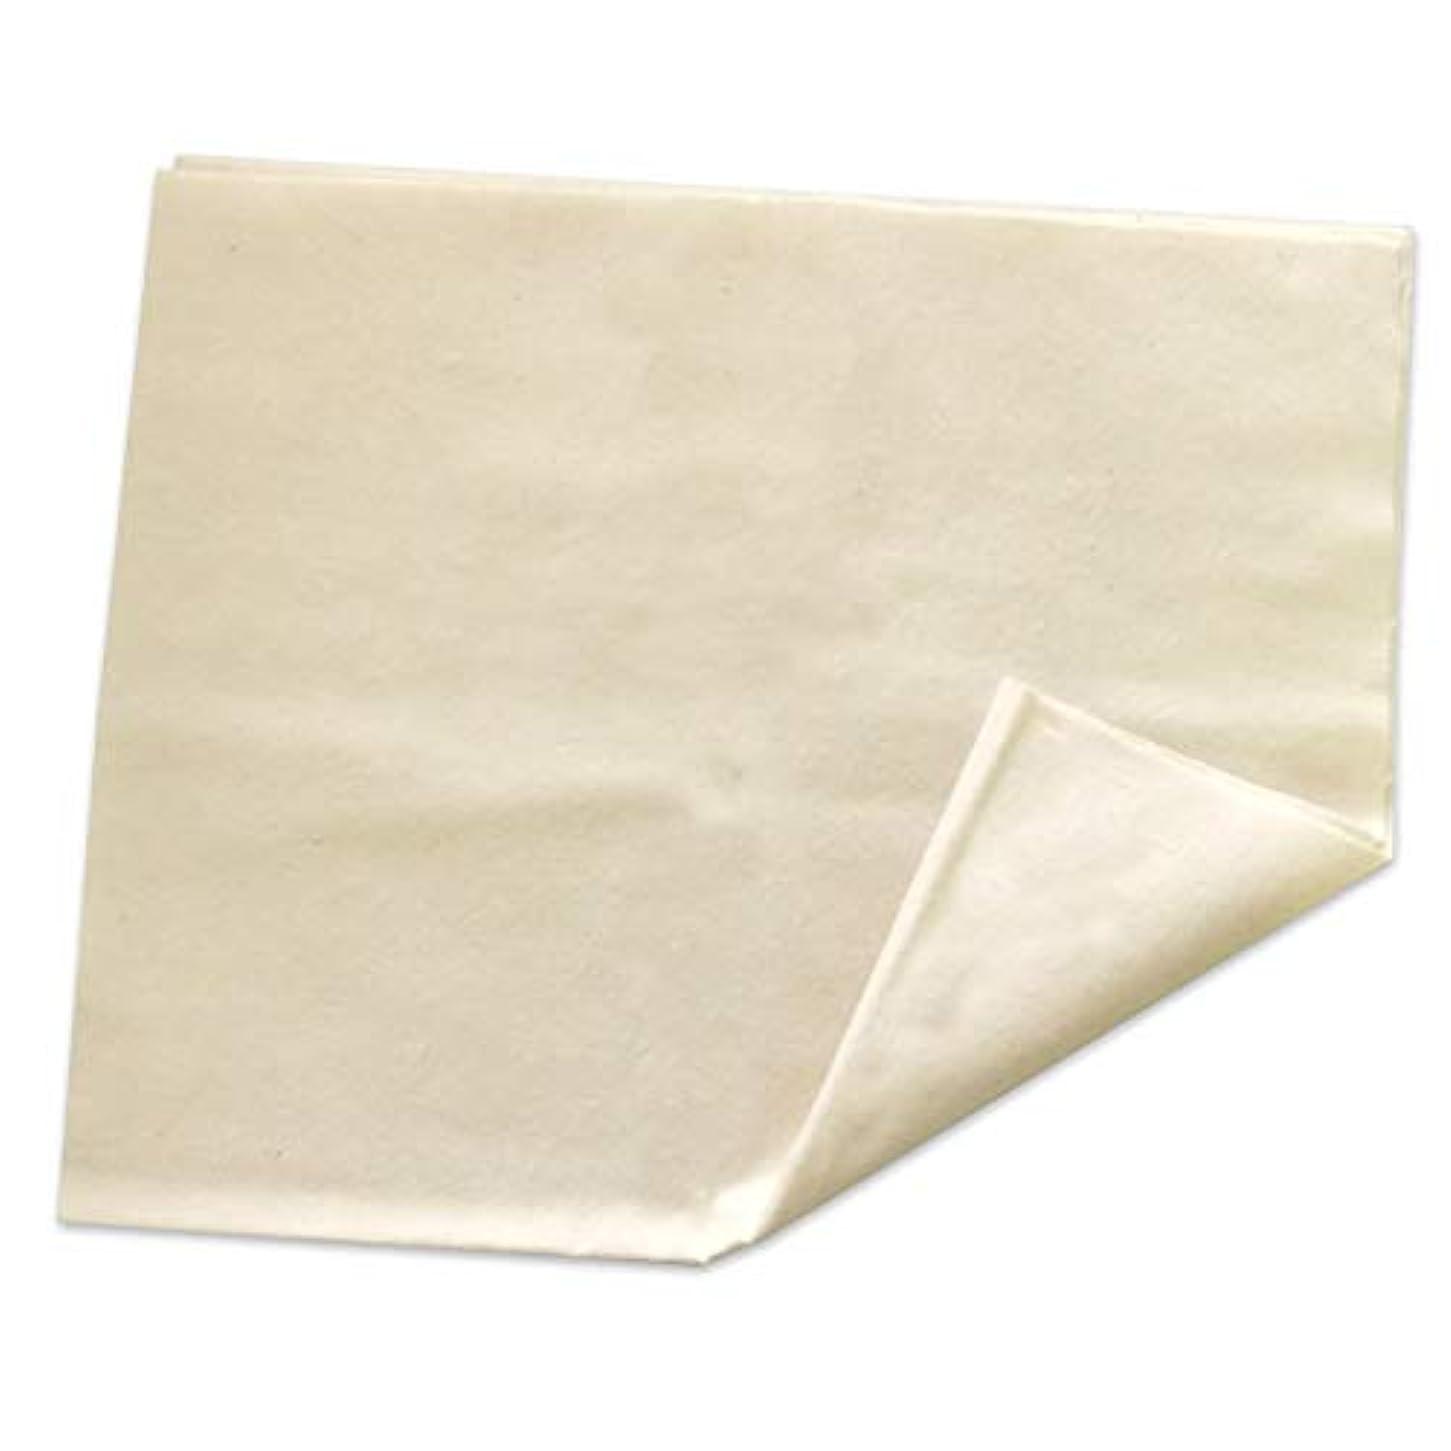 デザート残りスリップコットンフランネル (コットンネル生地、綿100%、ヒマシ油パック、パック、ひまし油パック)